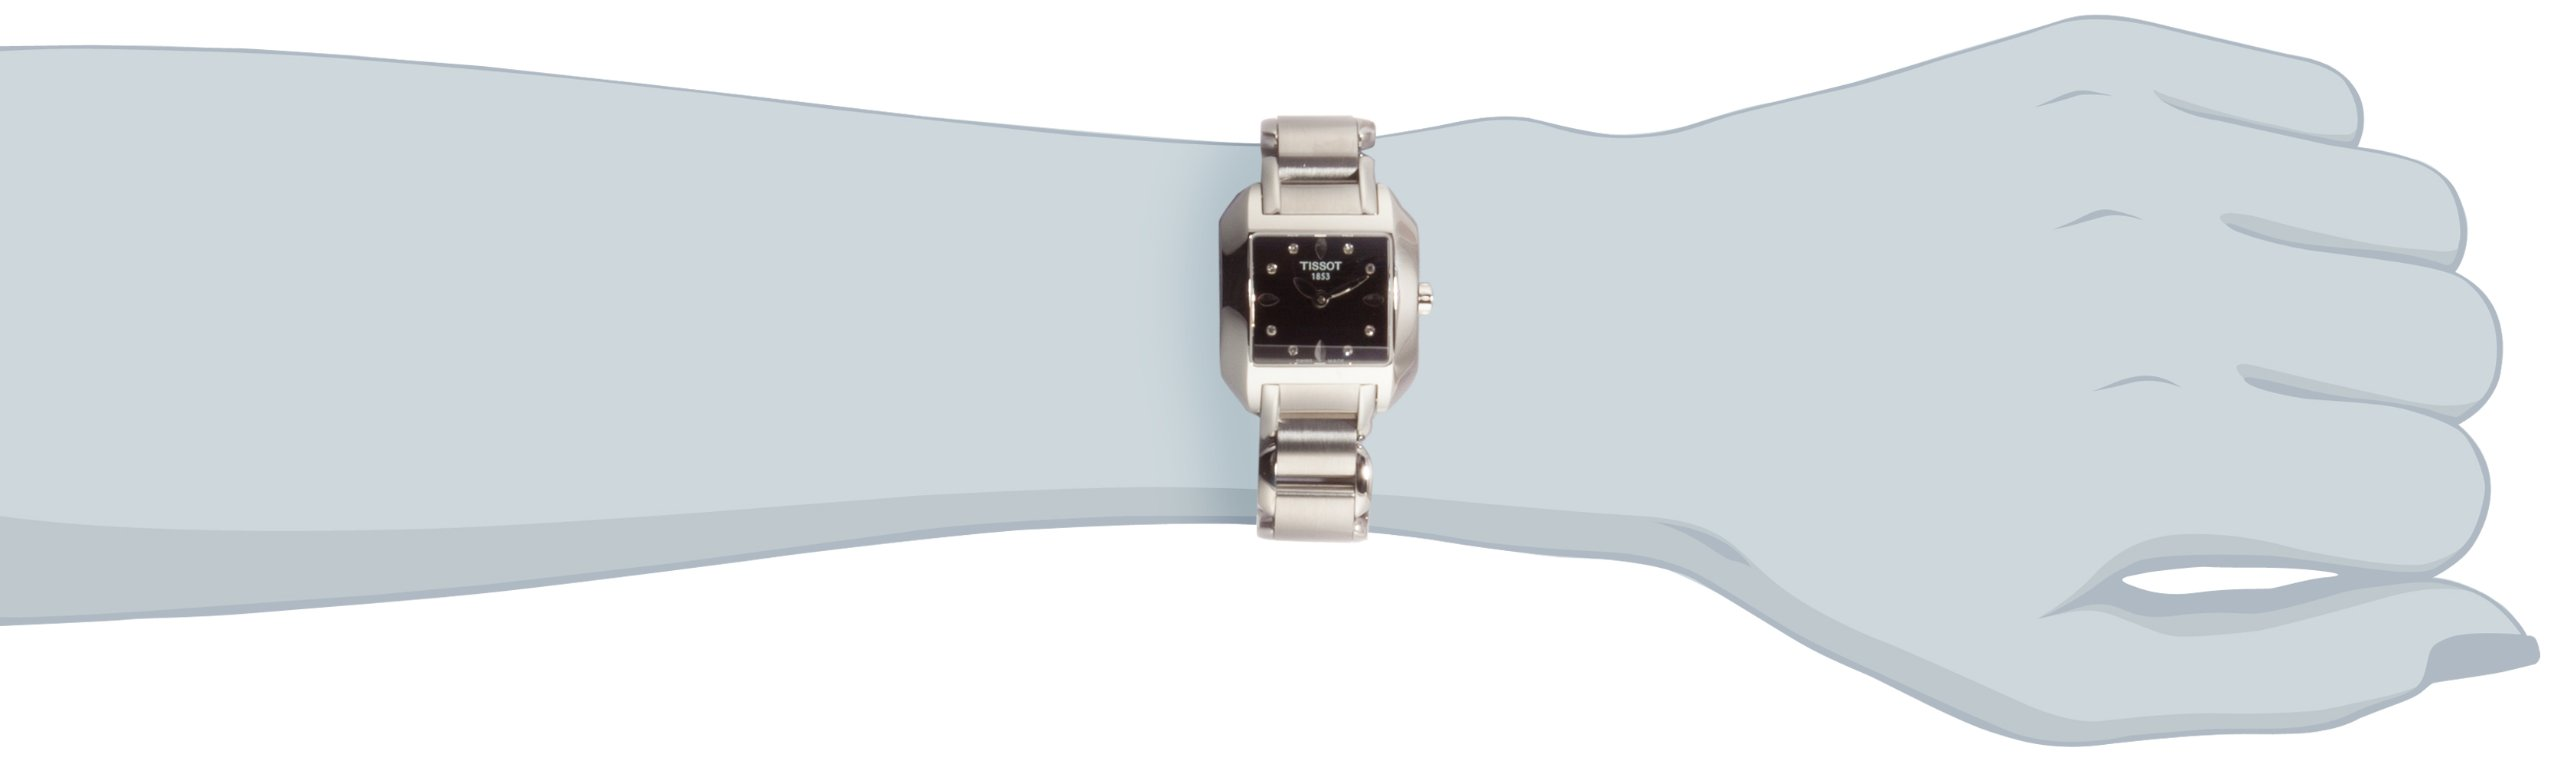 Tissot T-Wave T02128554 – Reloj de Mujer de Cuarzo, Correa de Acero Inoxidable Color Gris